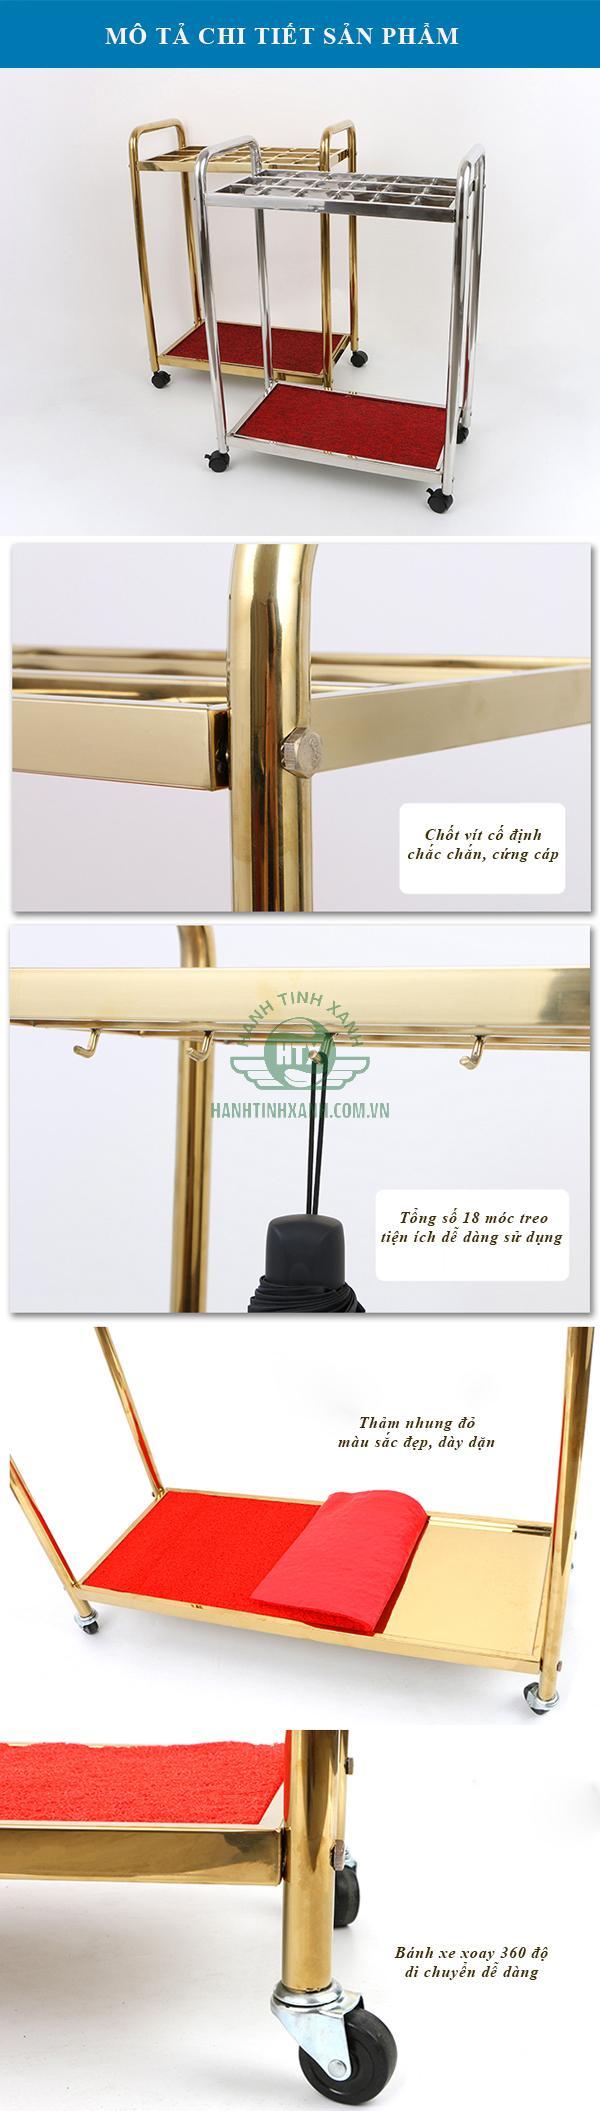 Mô tả chi tiết giá để ô dù khách sạn